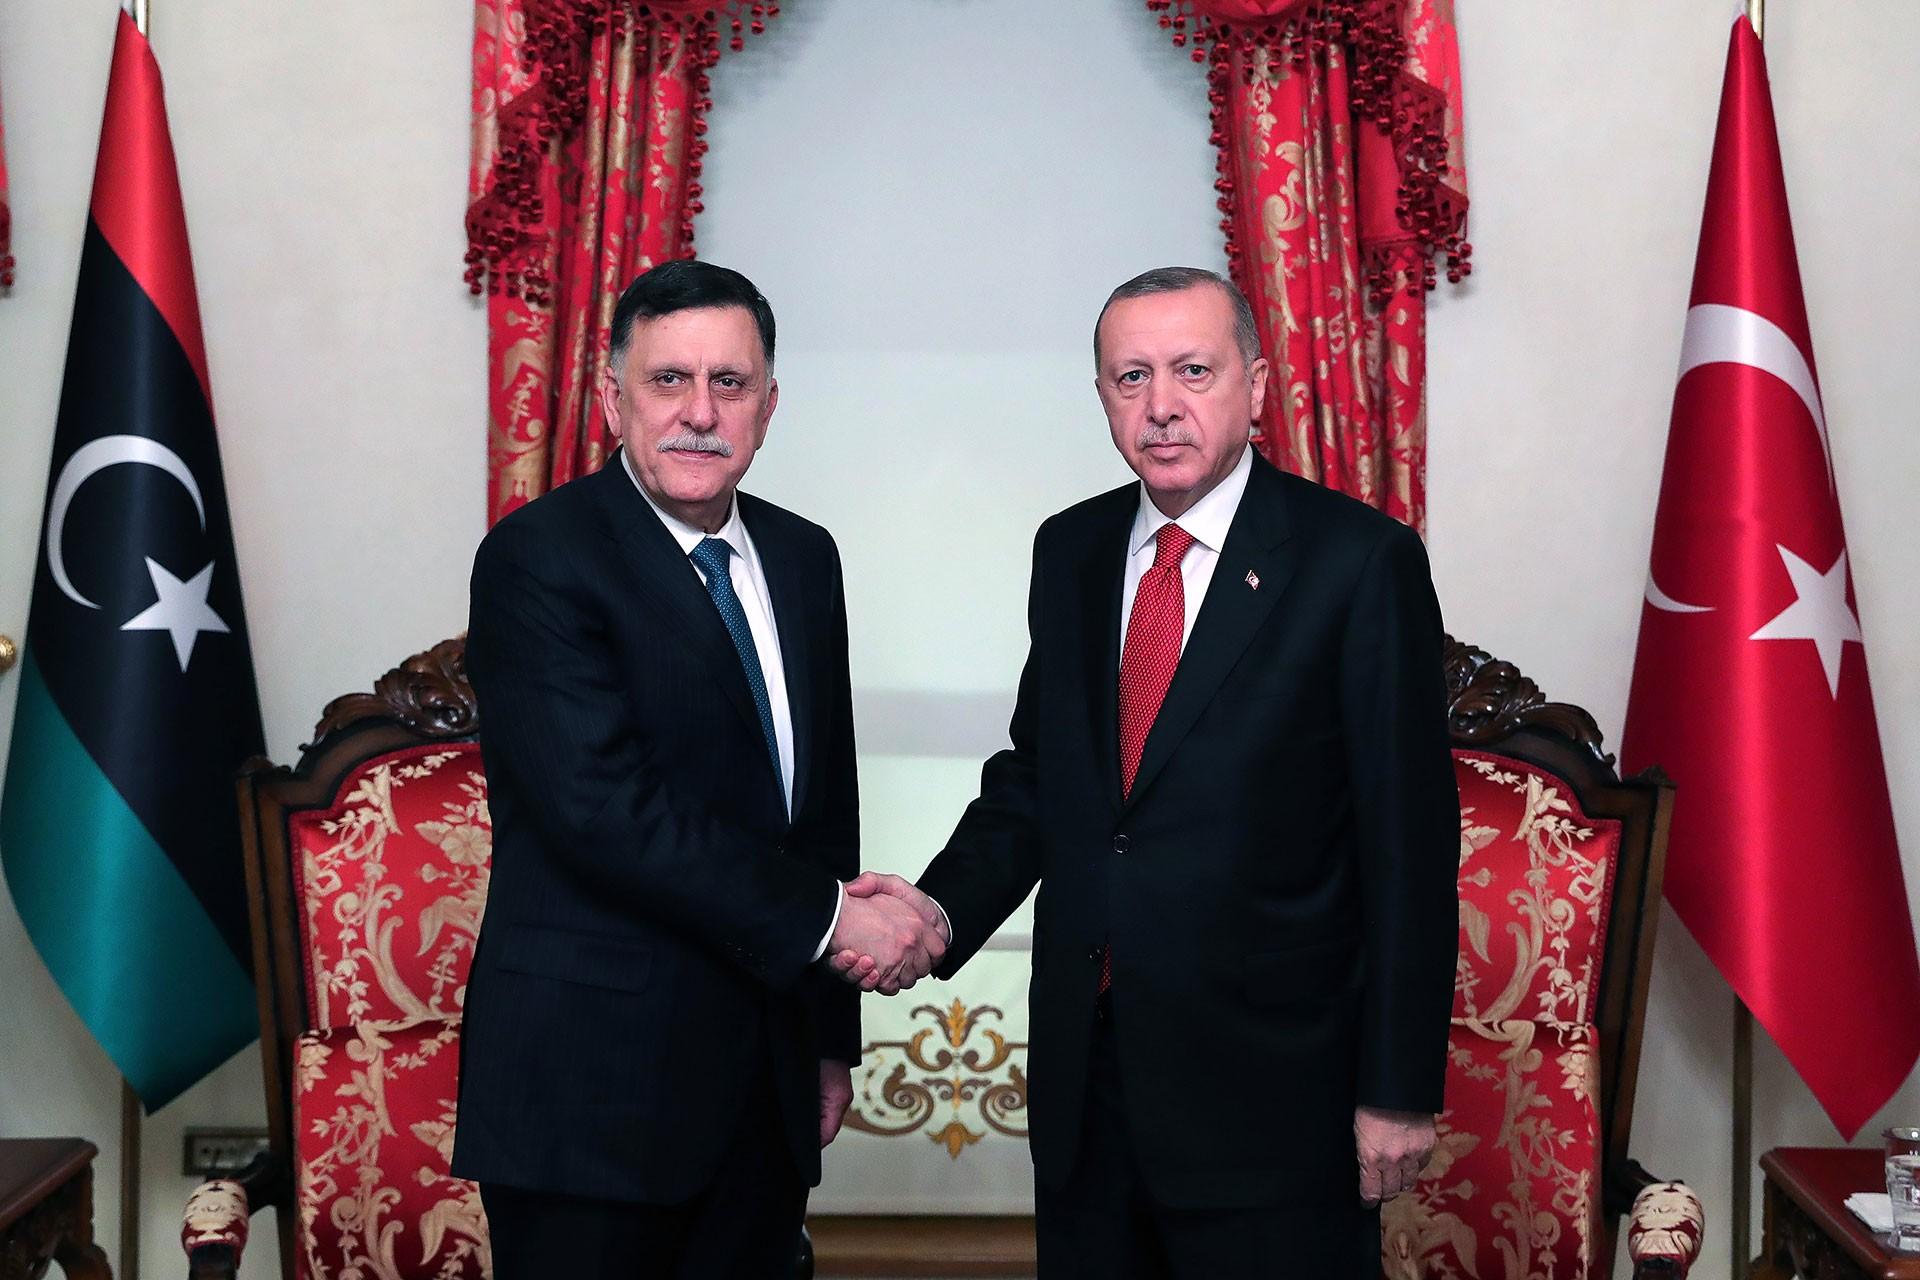 Cumhurbaşkanı Erdoğan (sağda) ile Libya'daki Ulusal Mutabakat Hükümeti Başkanı Fayiz es Sarrac (solda)